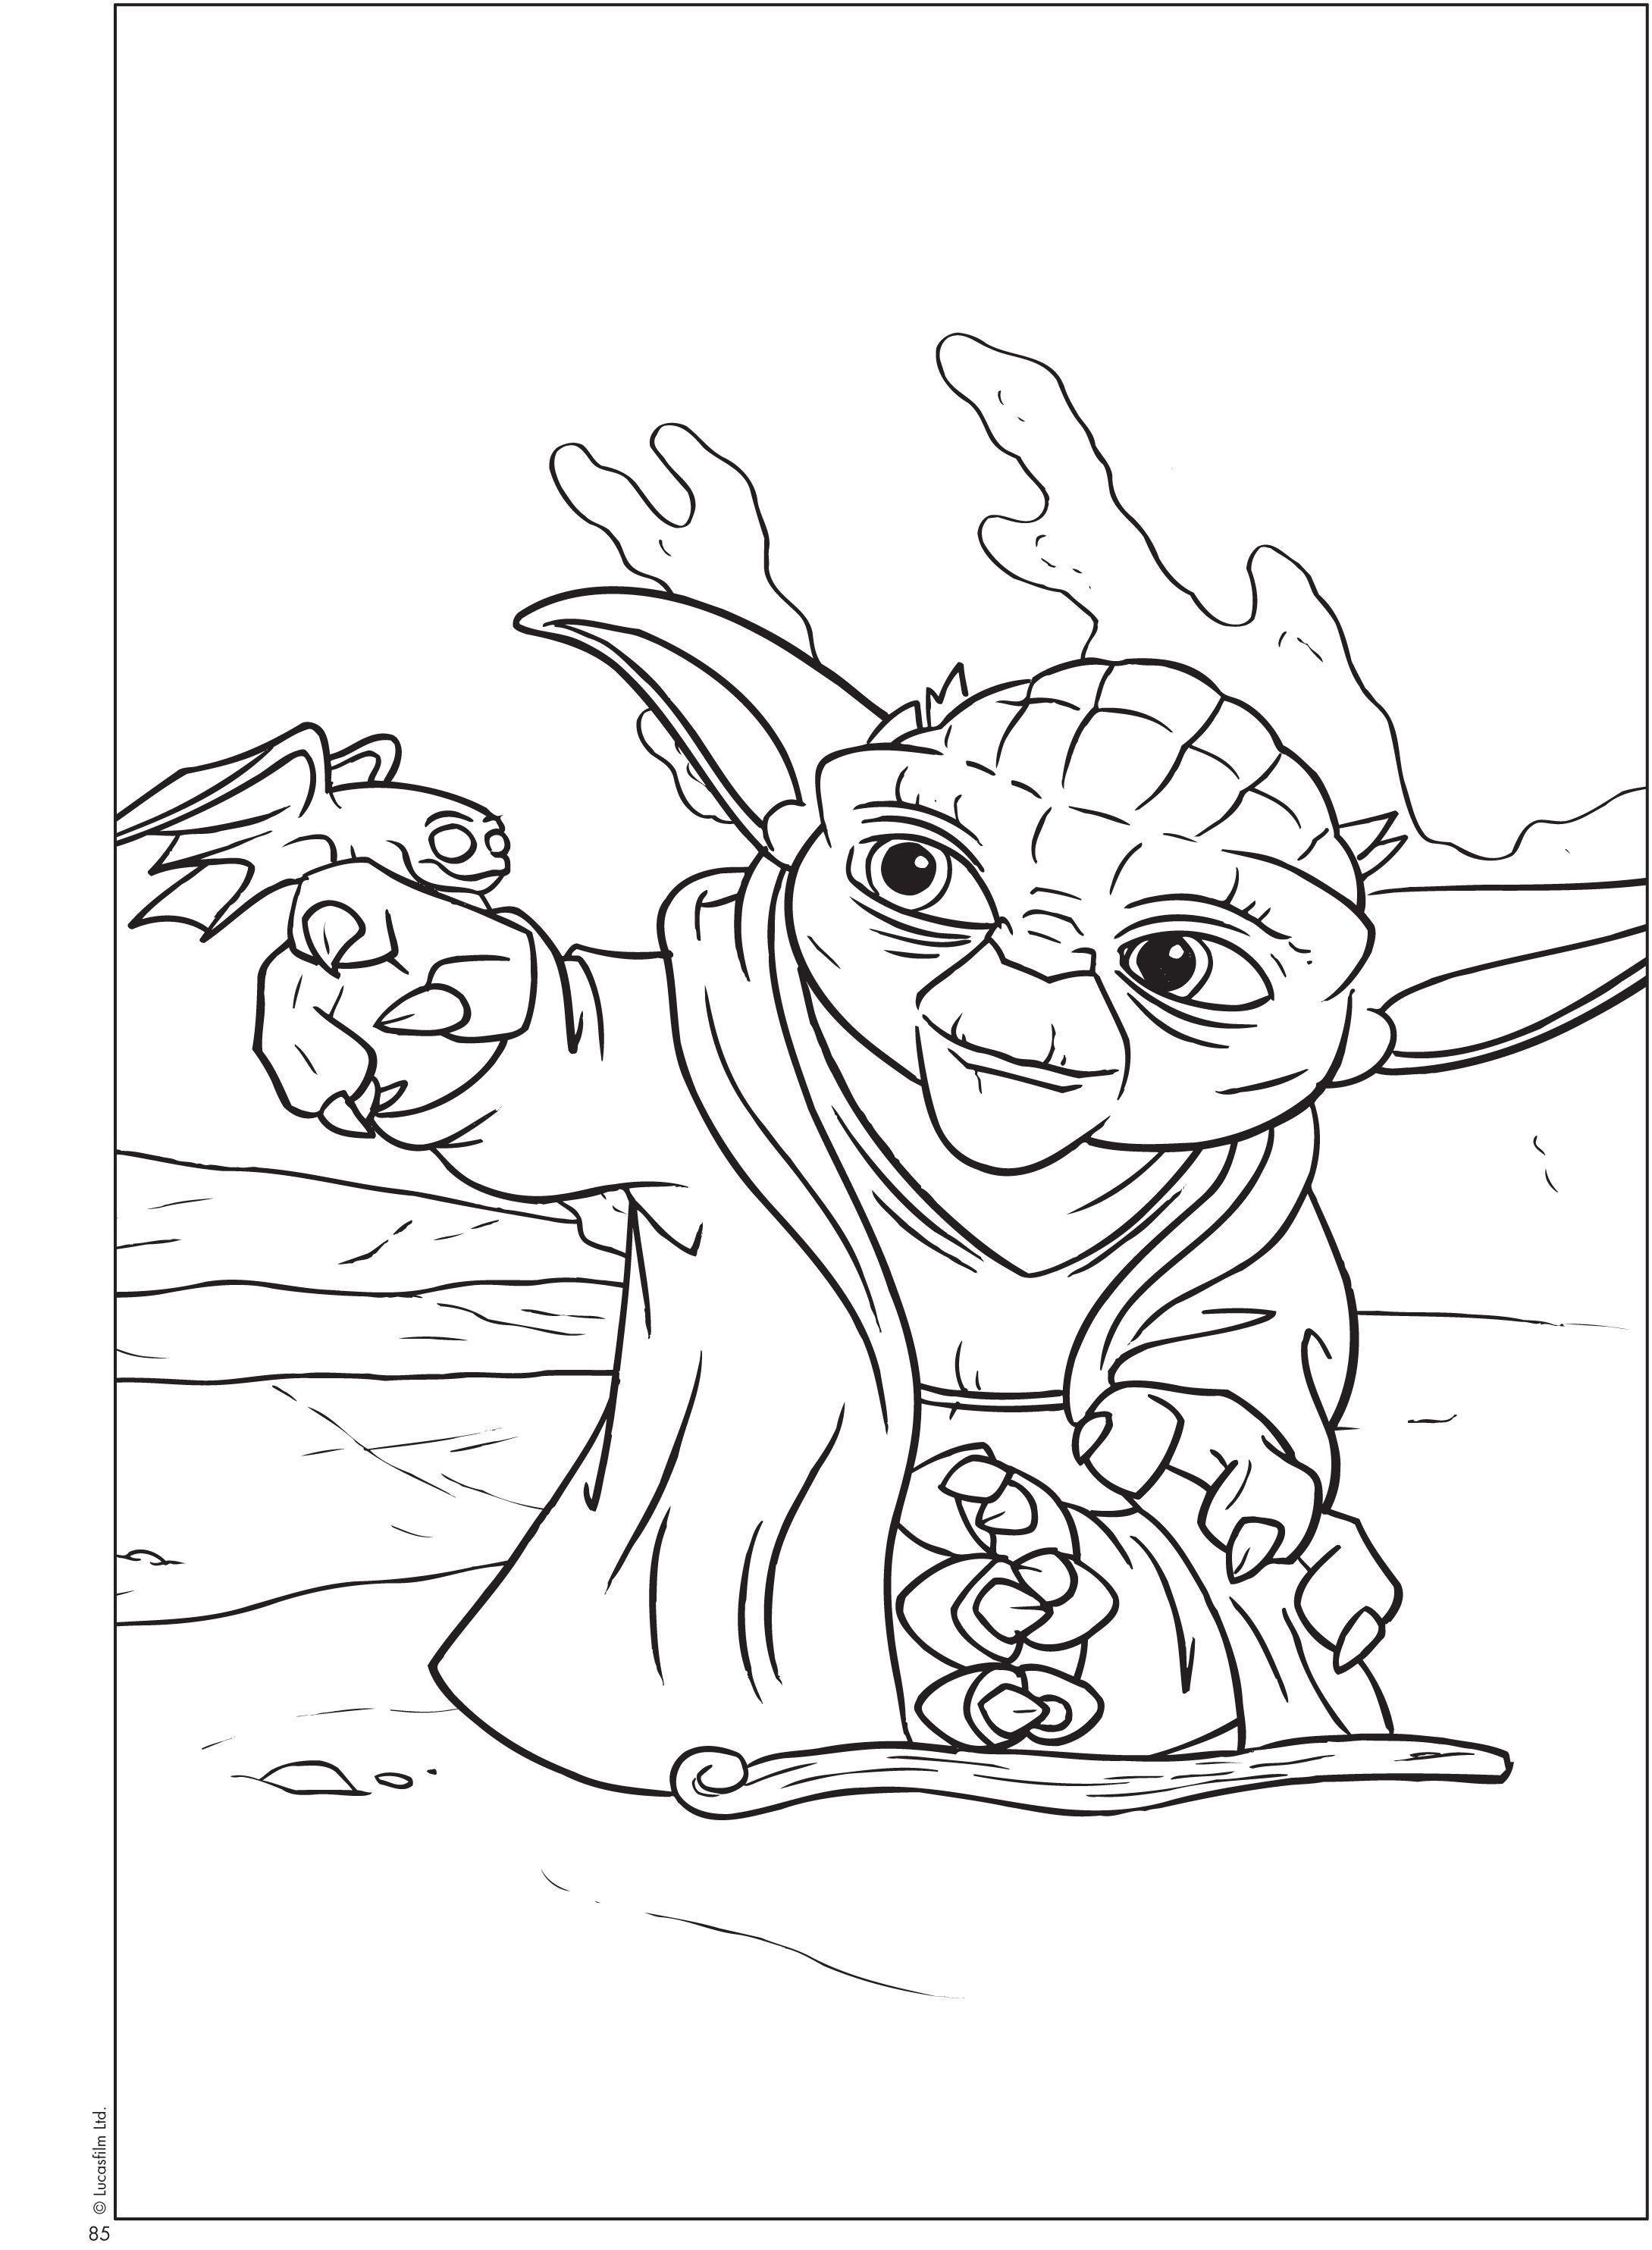 Printable Yoda Coloring Pages V 2020 G Raskraski Risunki Kvilting